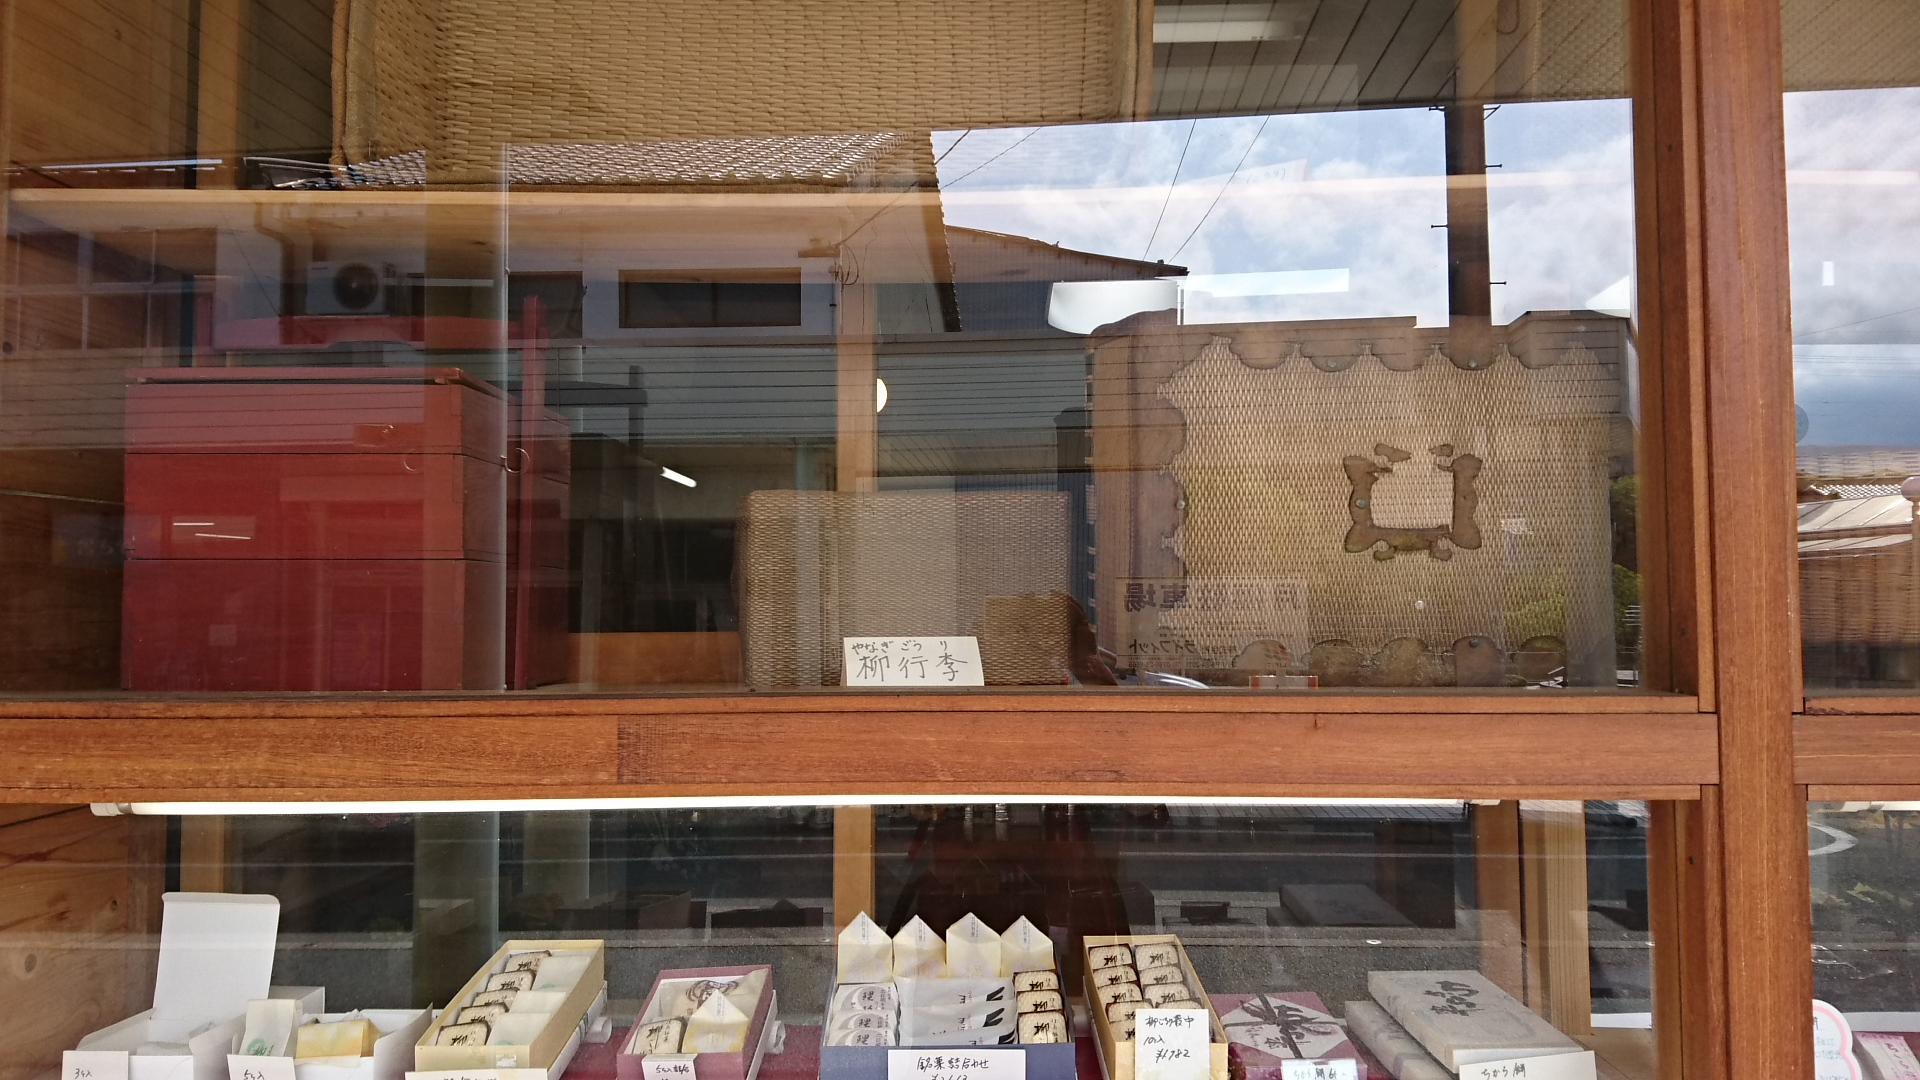 2017.6.3 豊岡 (105) ちから餅本舗宵田店 1920-1080